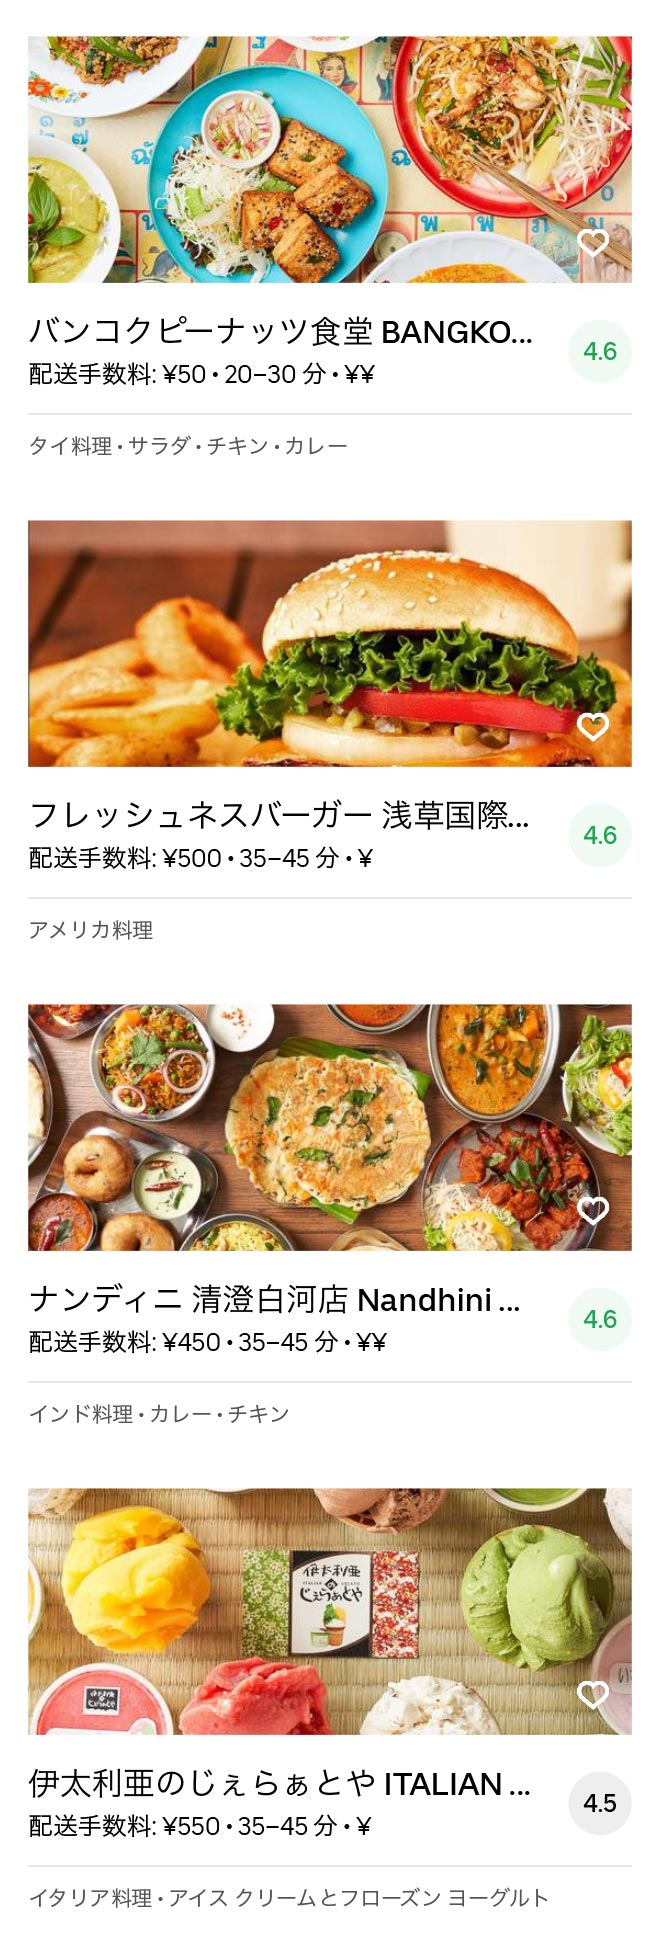 Tokyo otemachi menu 2005 11